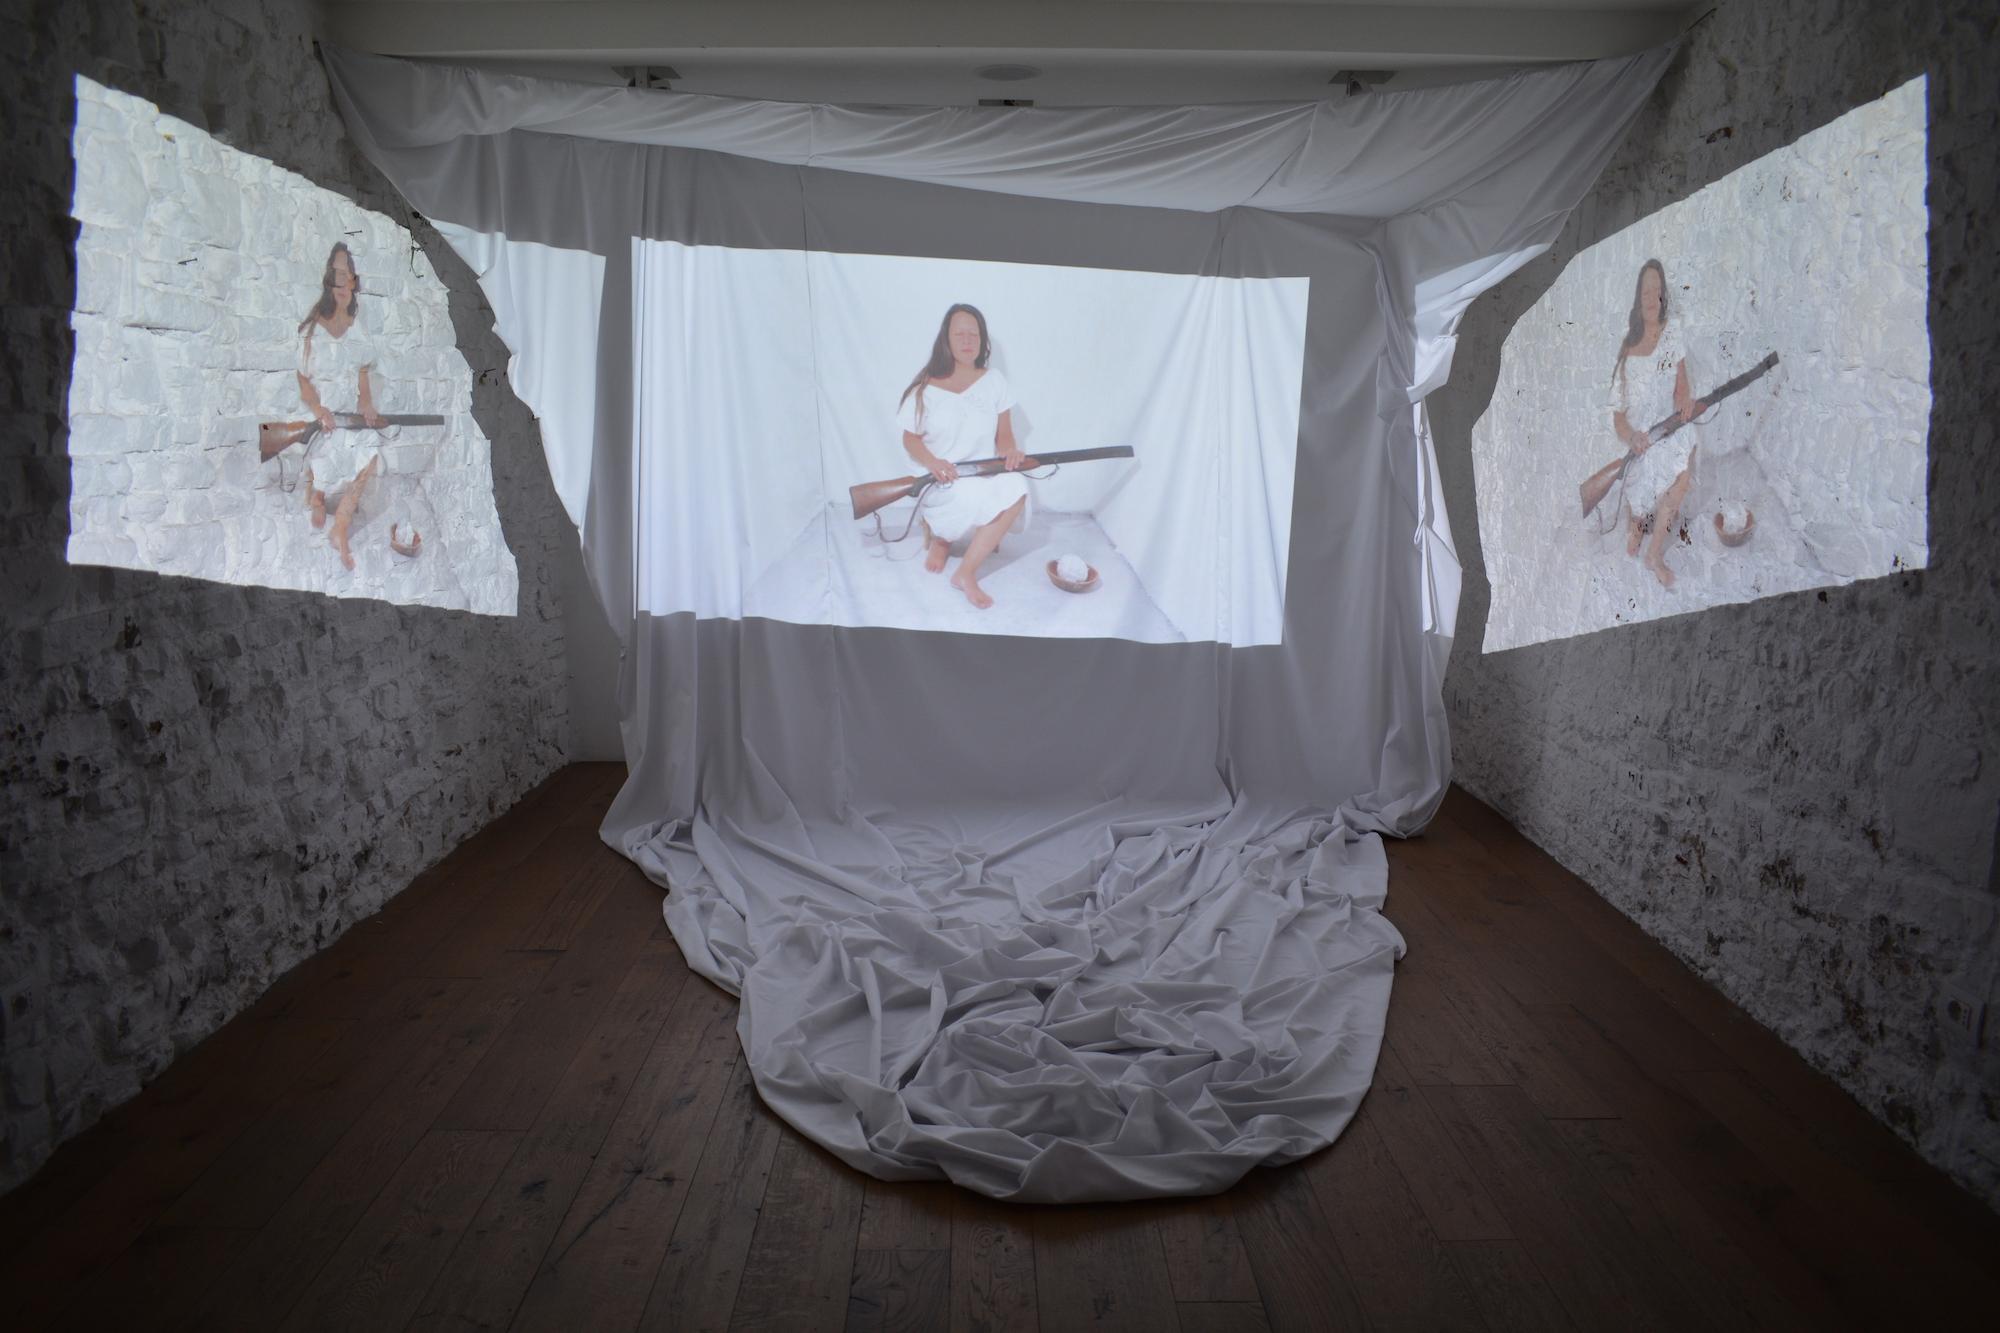 Noel Gazzano e Grace Zanotto, Human Carillon, videoinstallazione, 2016, presso Studio Bong, Firenze, Courtesy Noel Gazzano